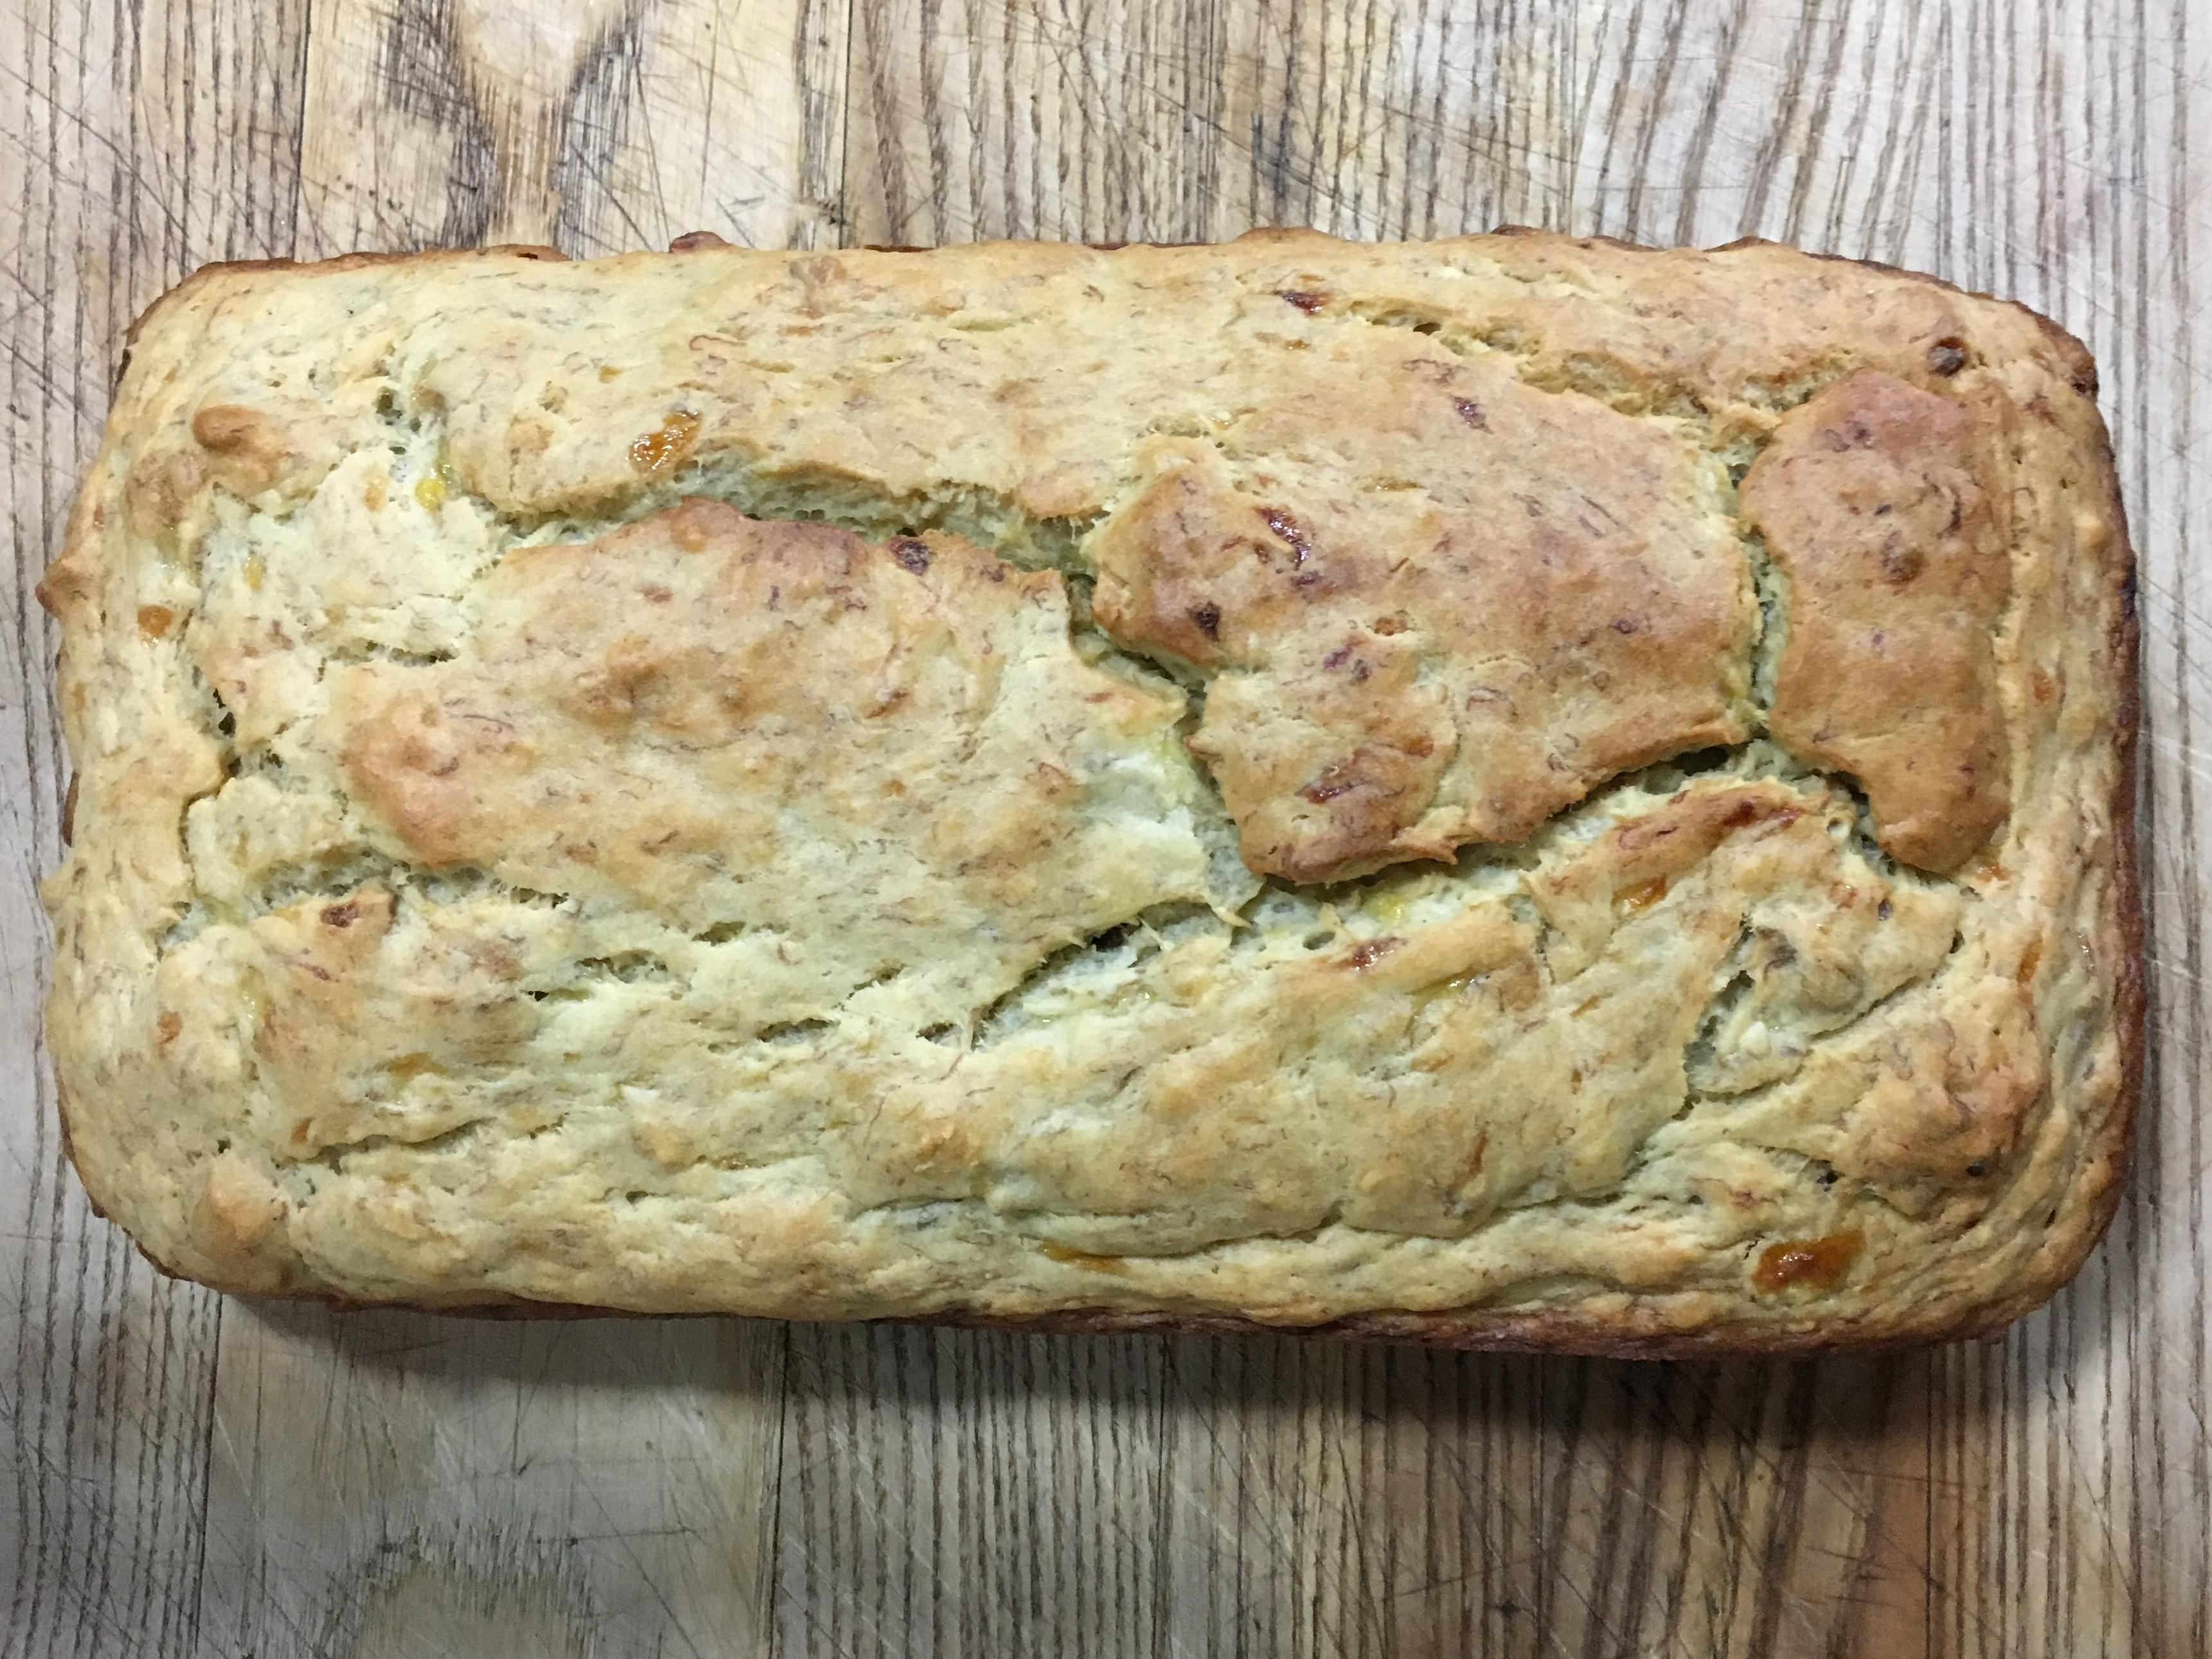 Last Night's Bread Making, Bread, Food, HQ Photo